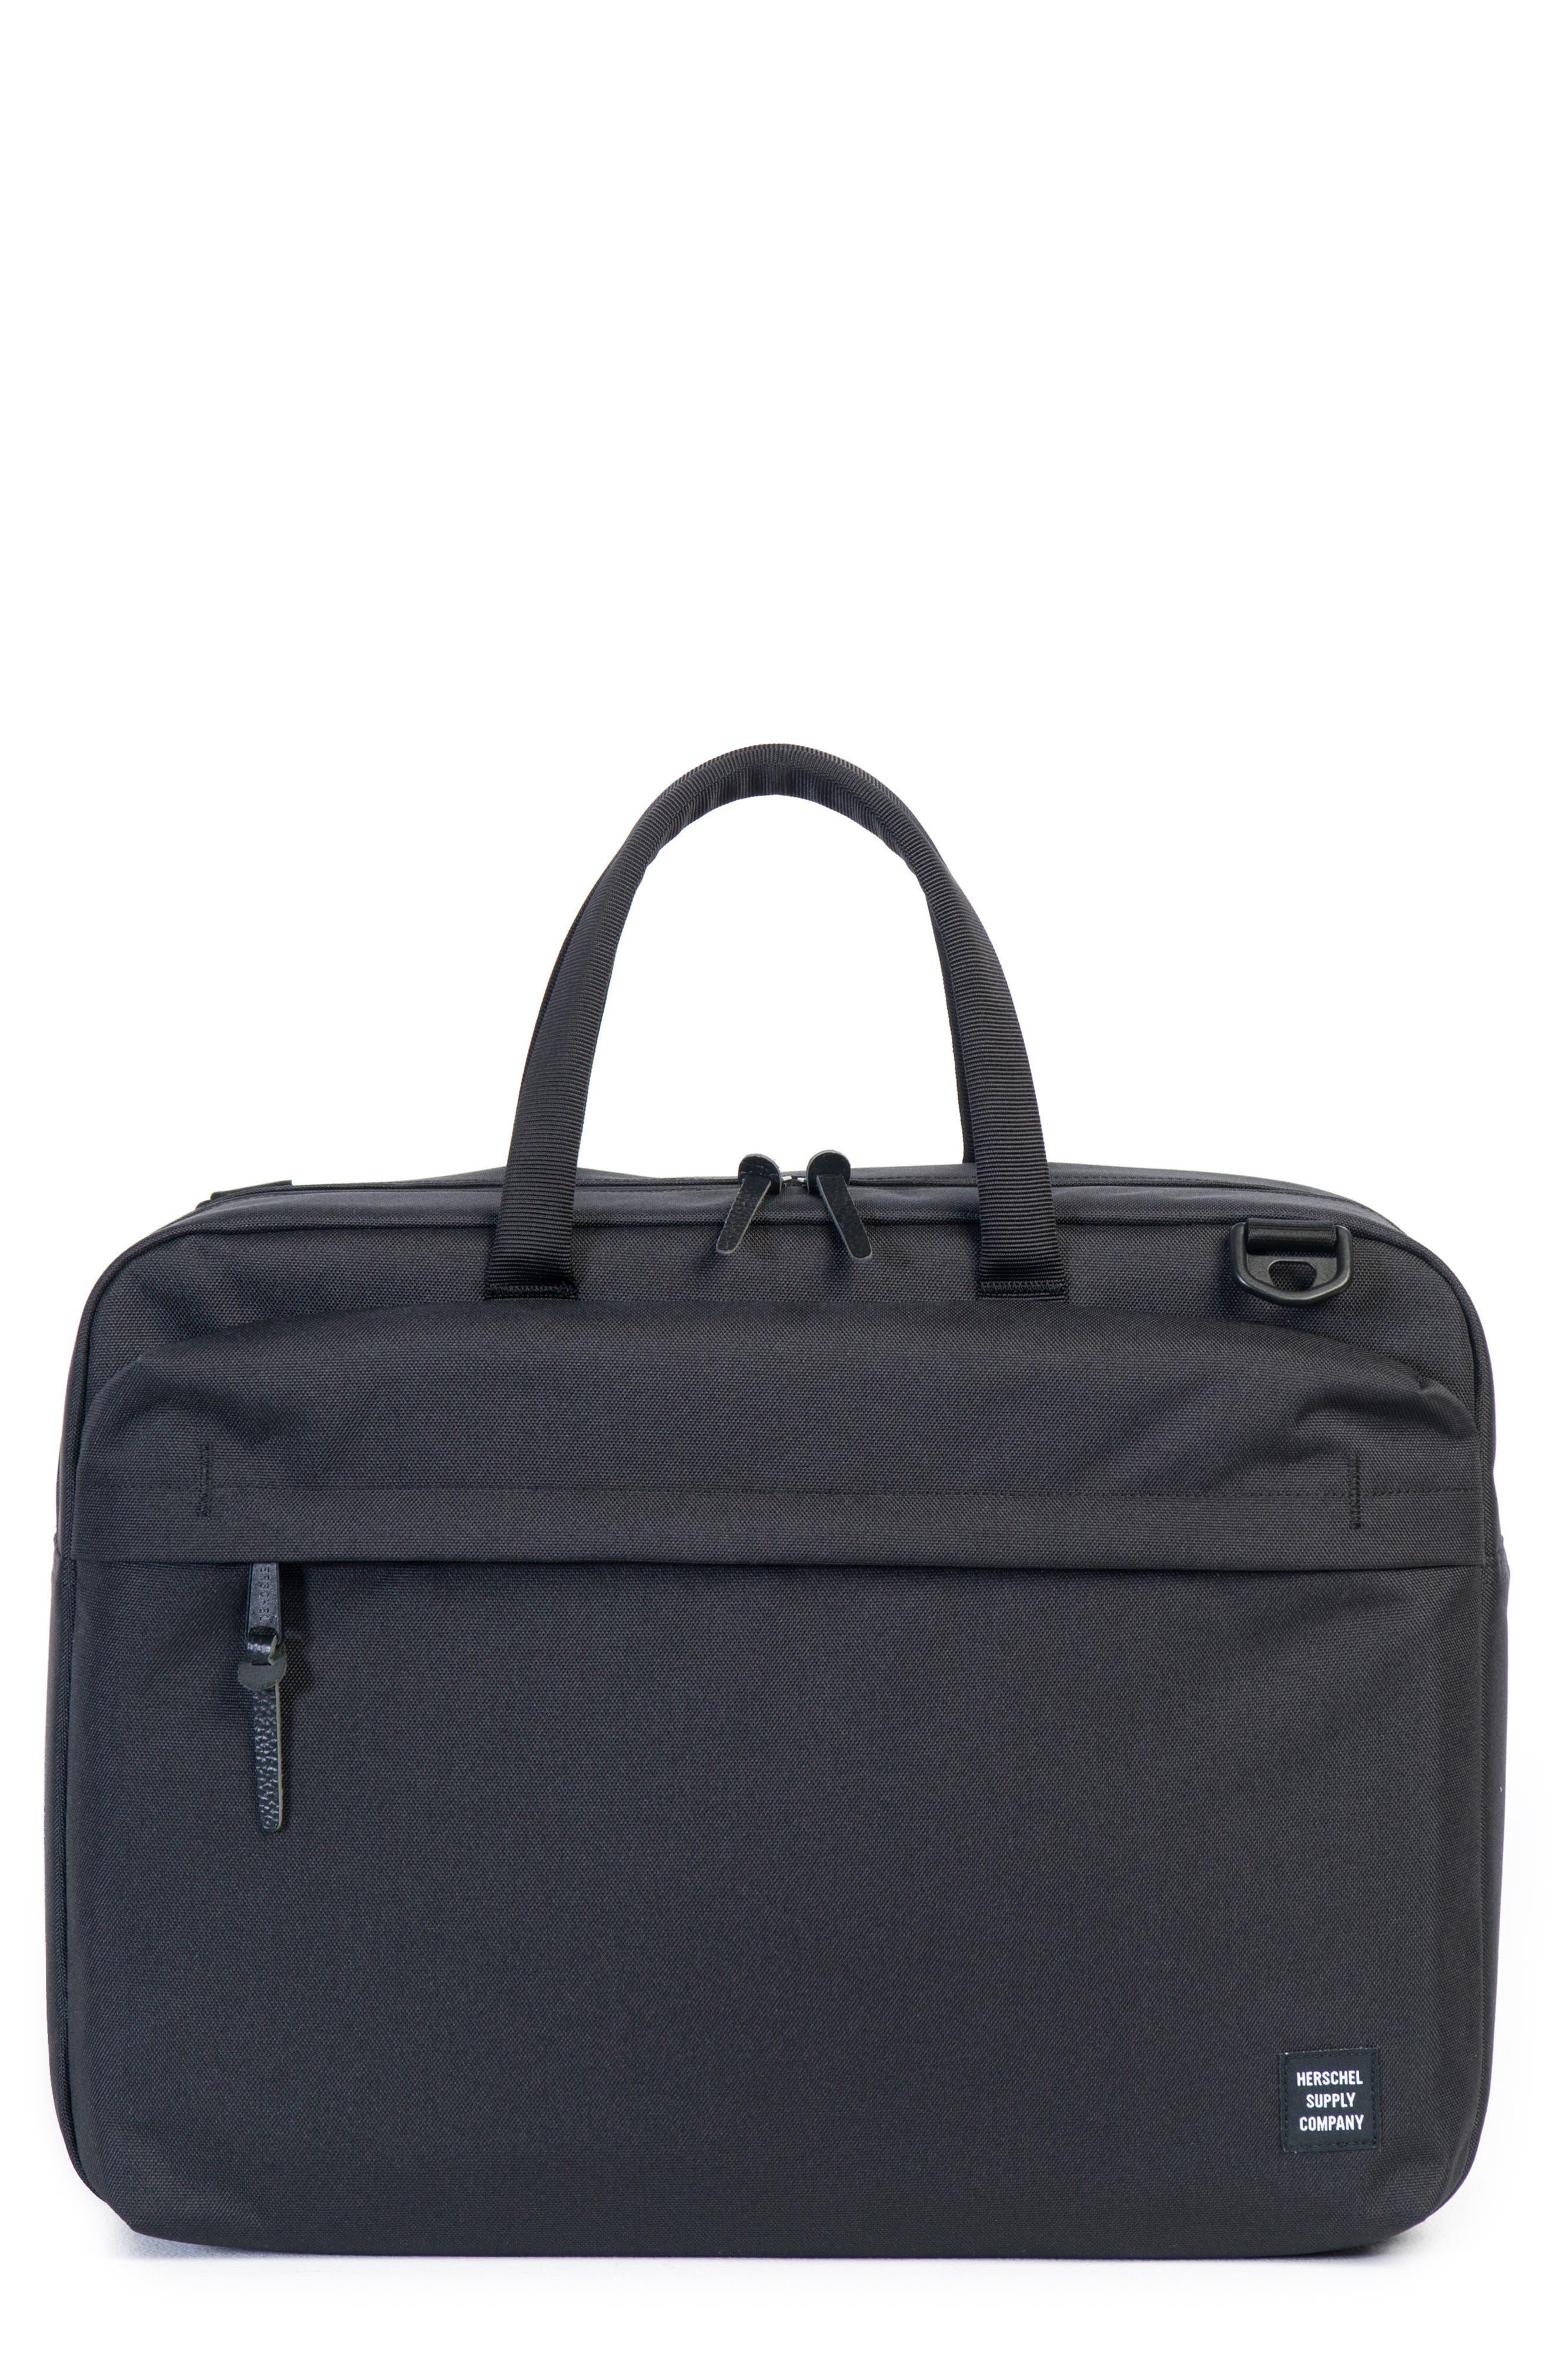 Sandford Messenger Bag,                         Main,                         color, 010